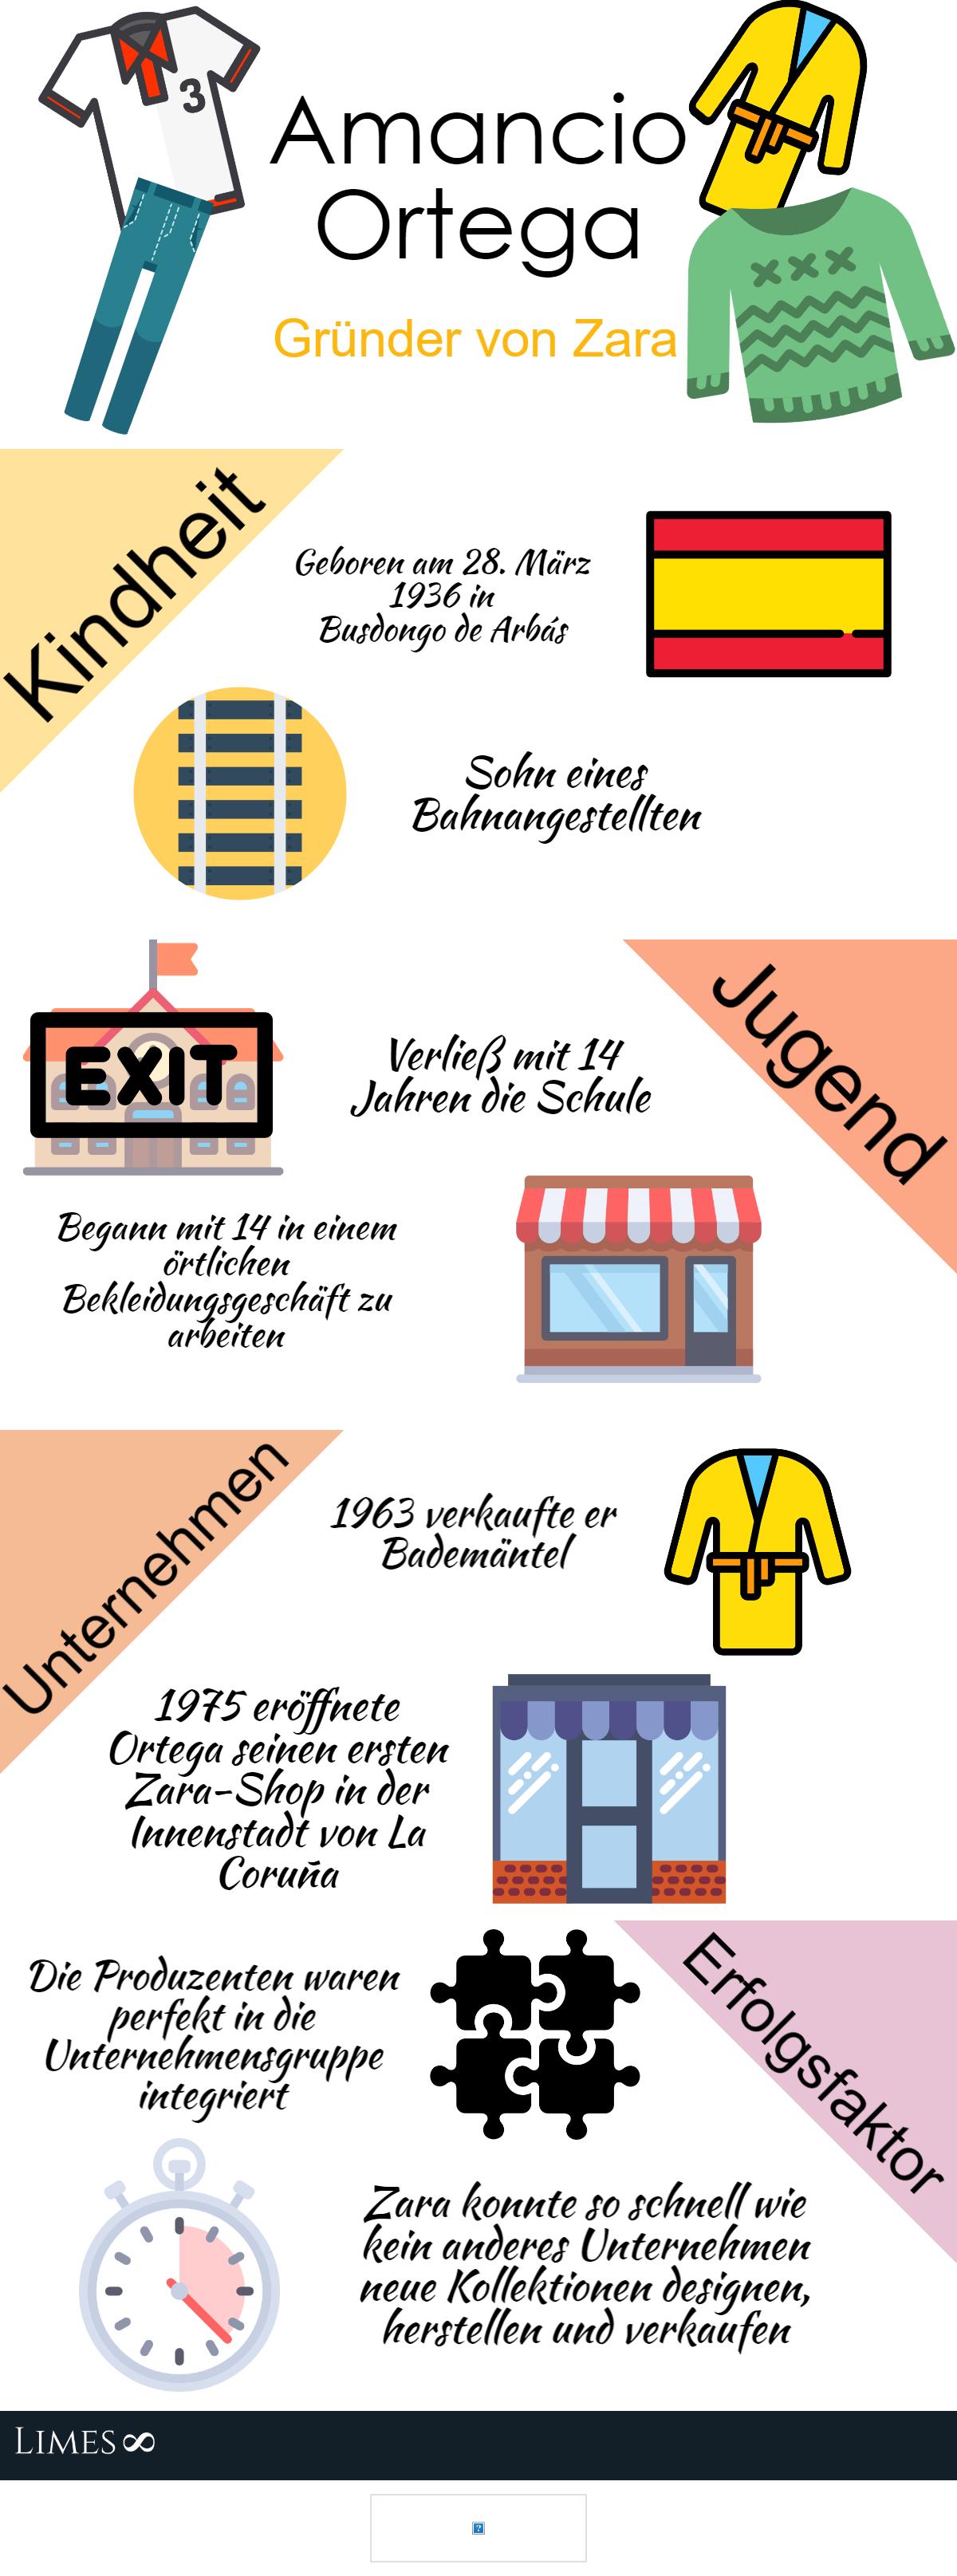 Infografik über den Gründer von Zara, Amancio Ortega, überarbeitet